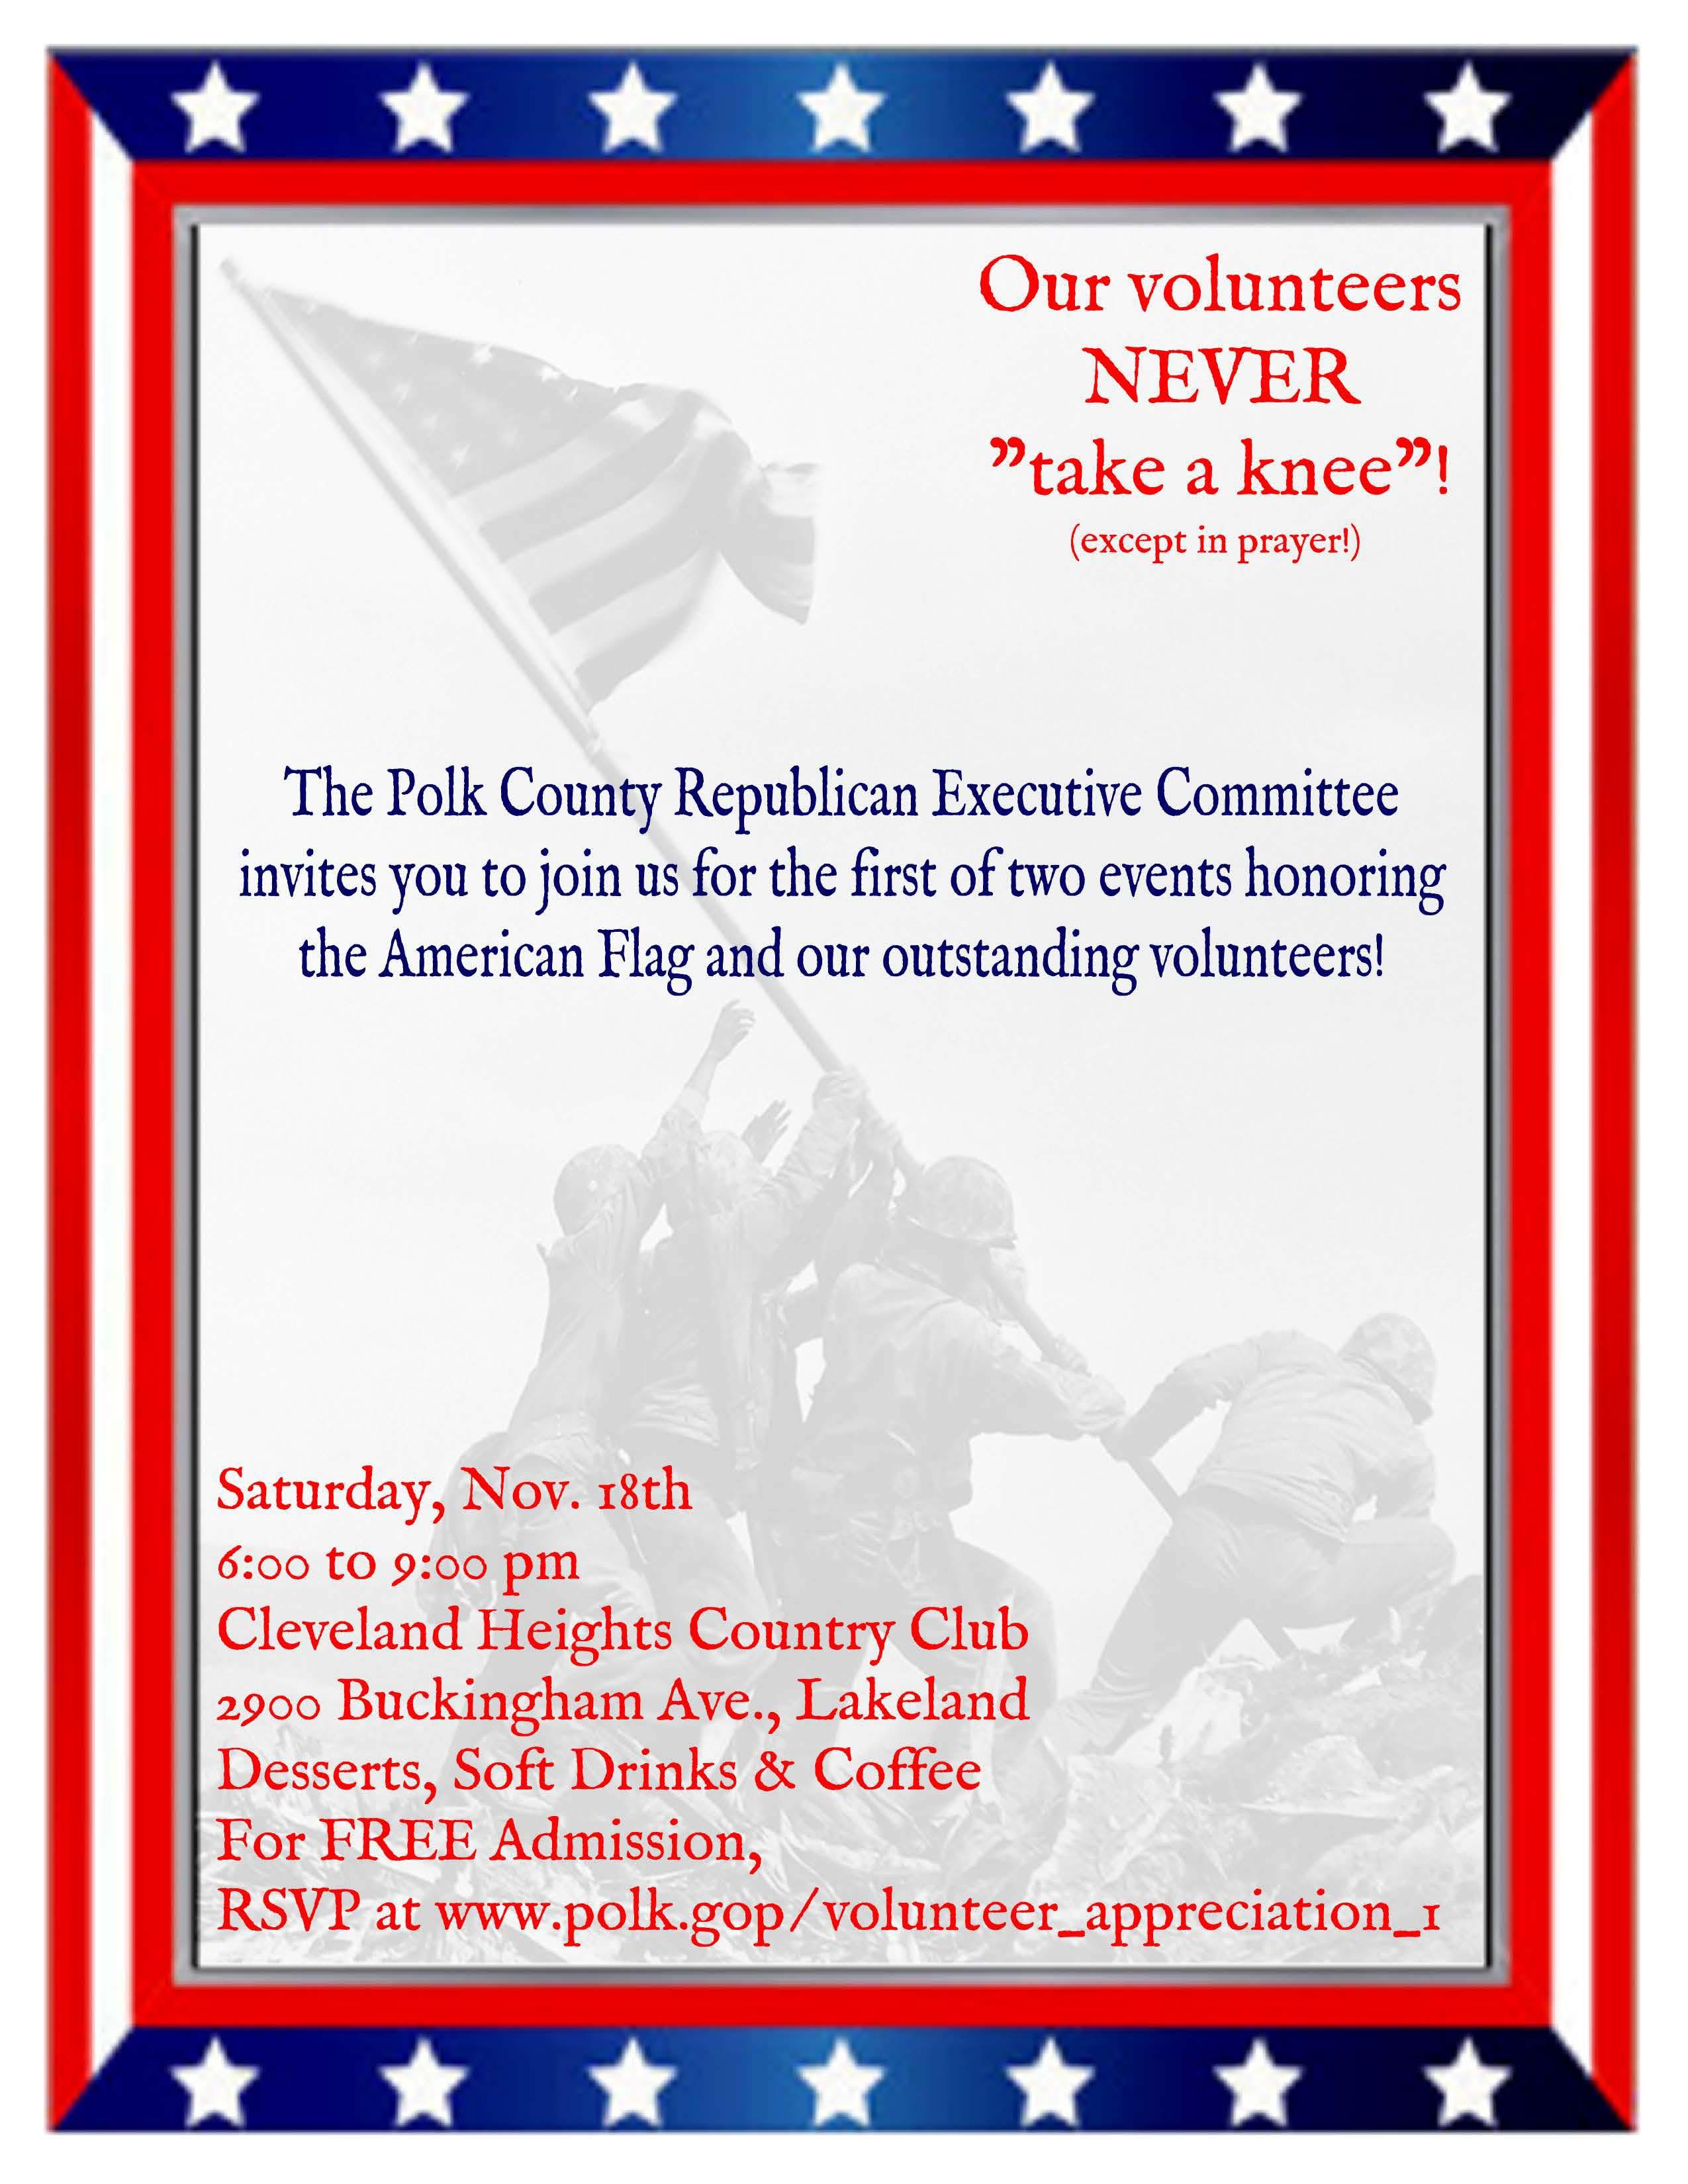 Polk_GOP_Volunteer_Appreciation_1_Flyer.jpg